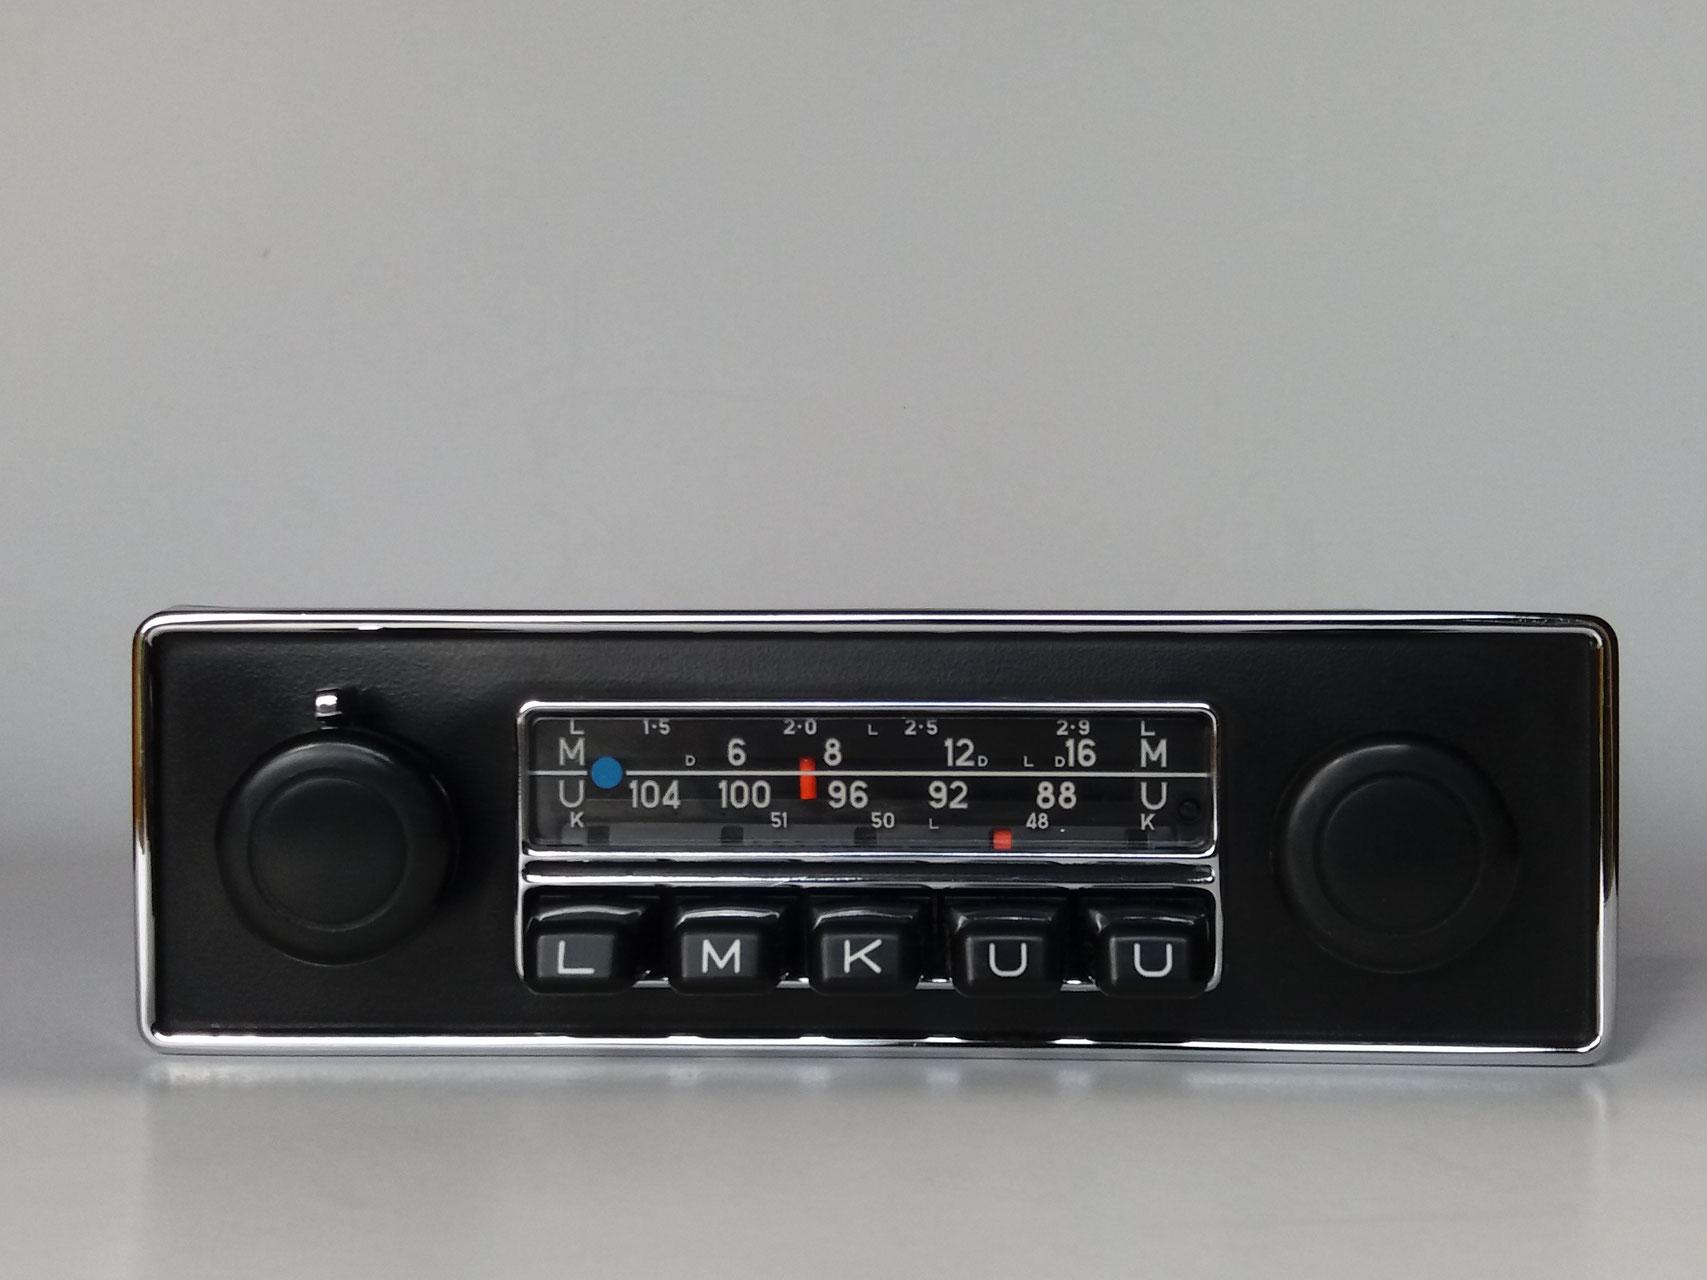 Blaupunkt - Oldtimer Autoradio, Klassikerautoradio, Restaurationsbetrieb